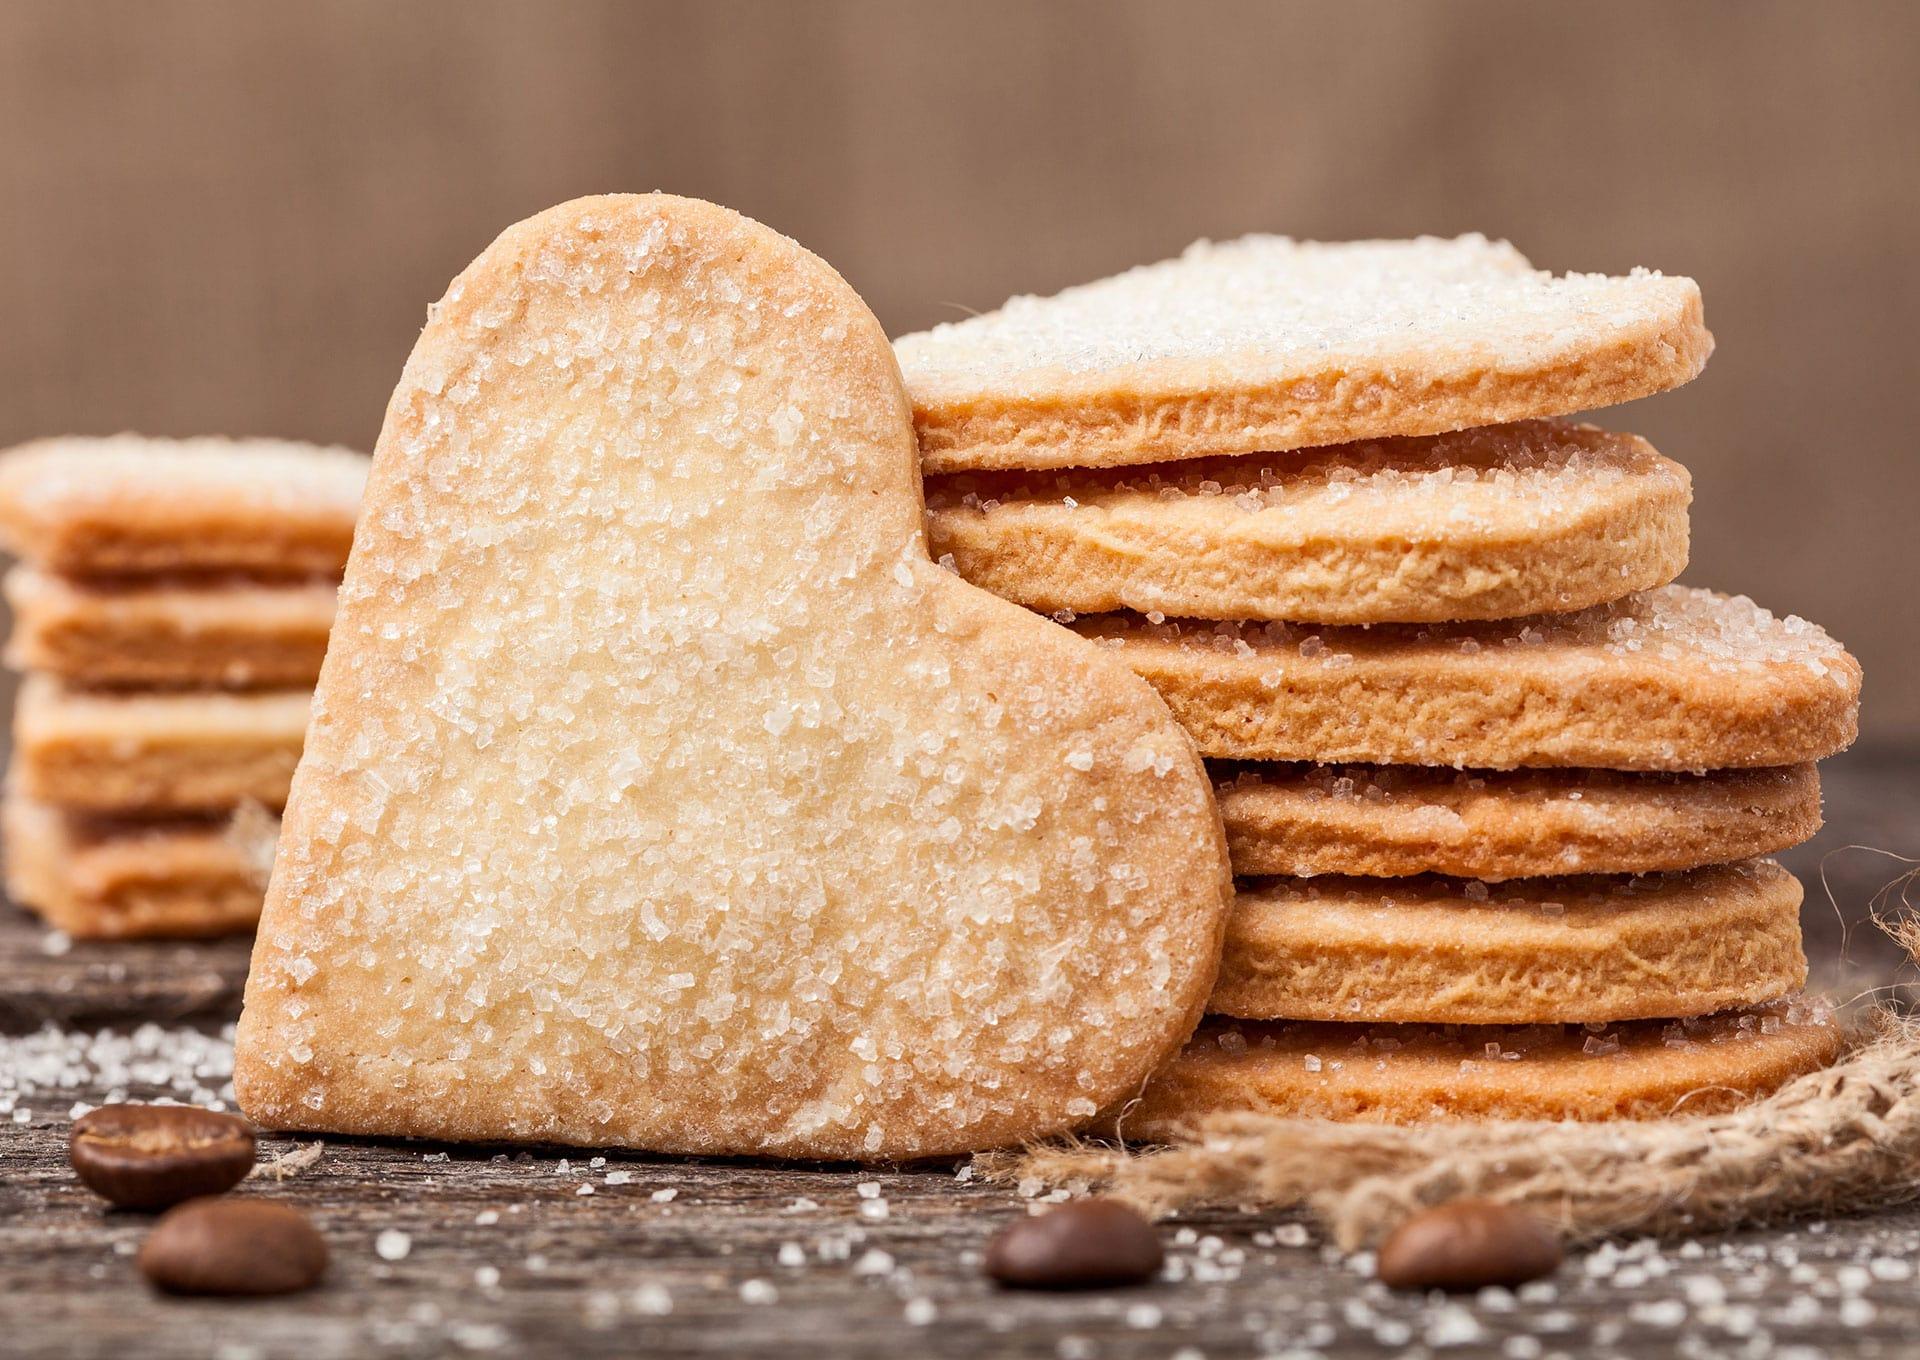 Kruche ciasteczka z cukrem - jak zrobić je w domu?